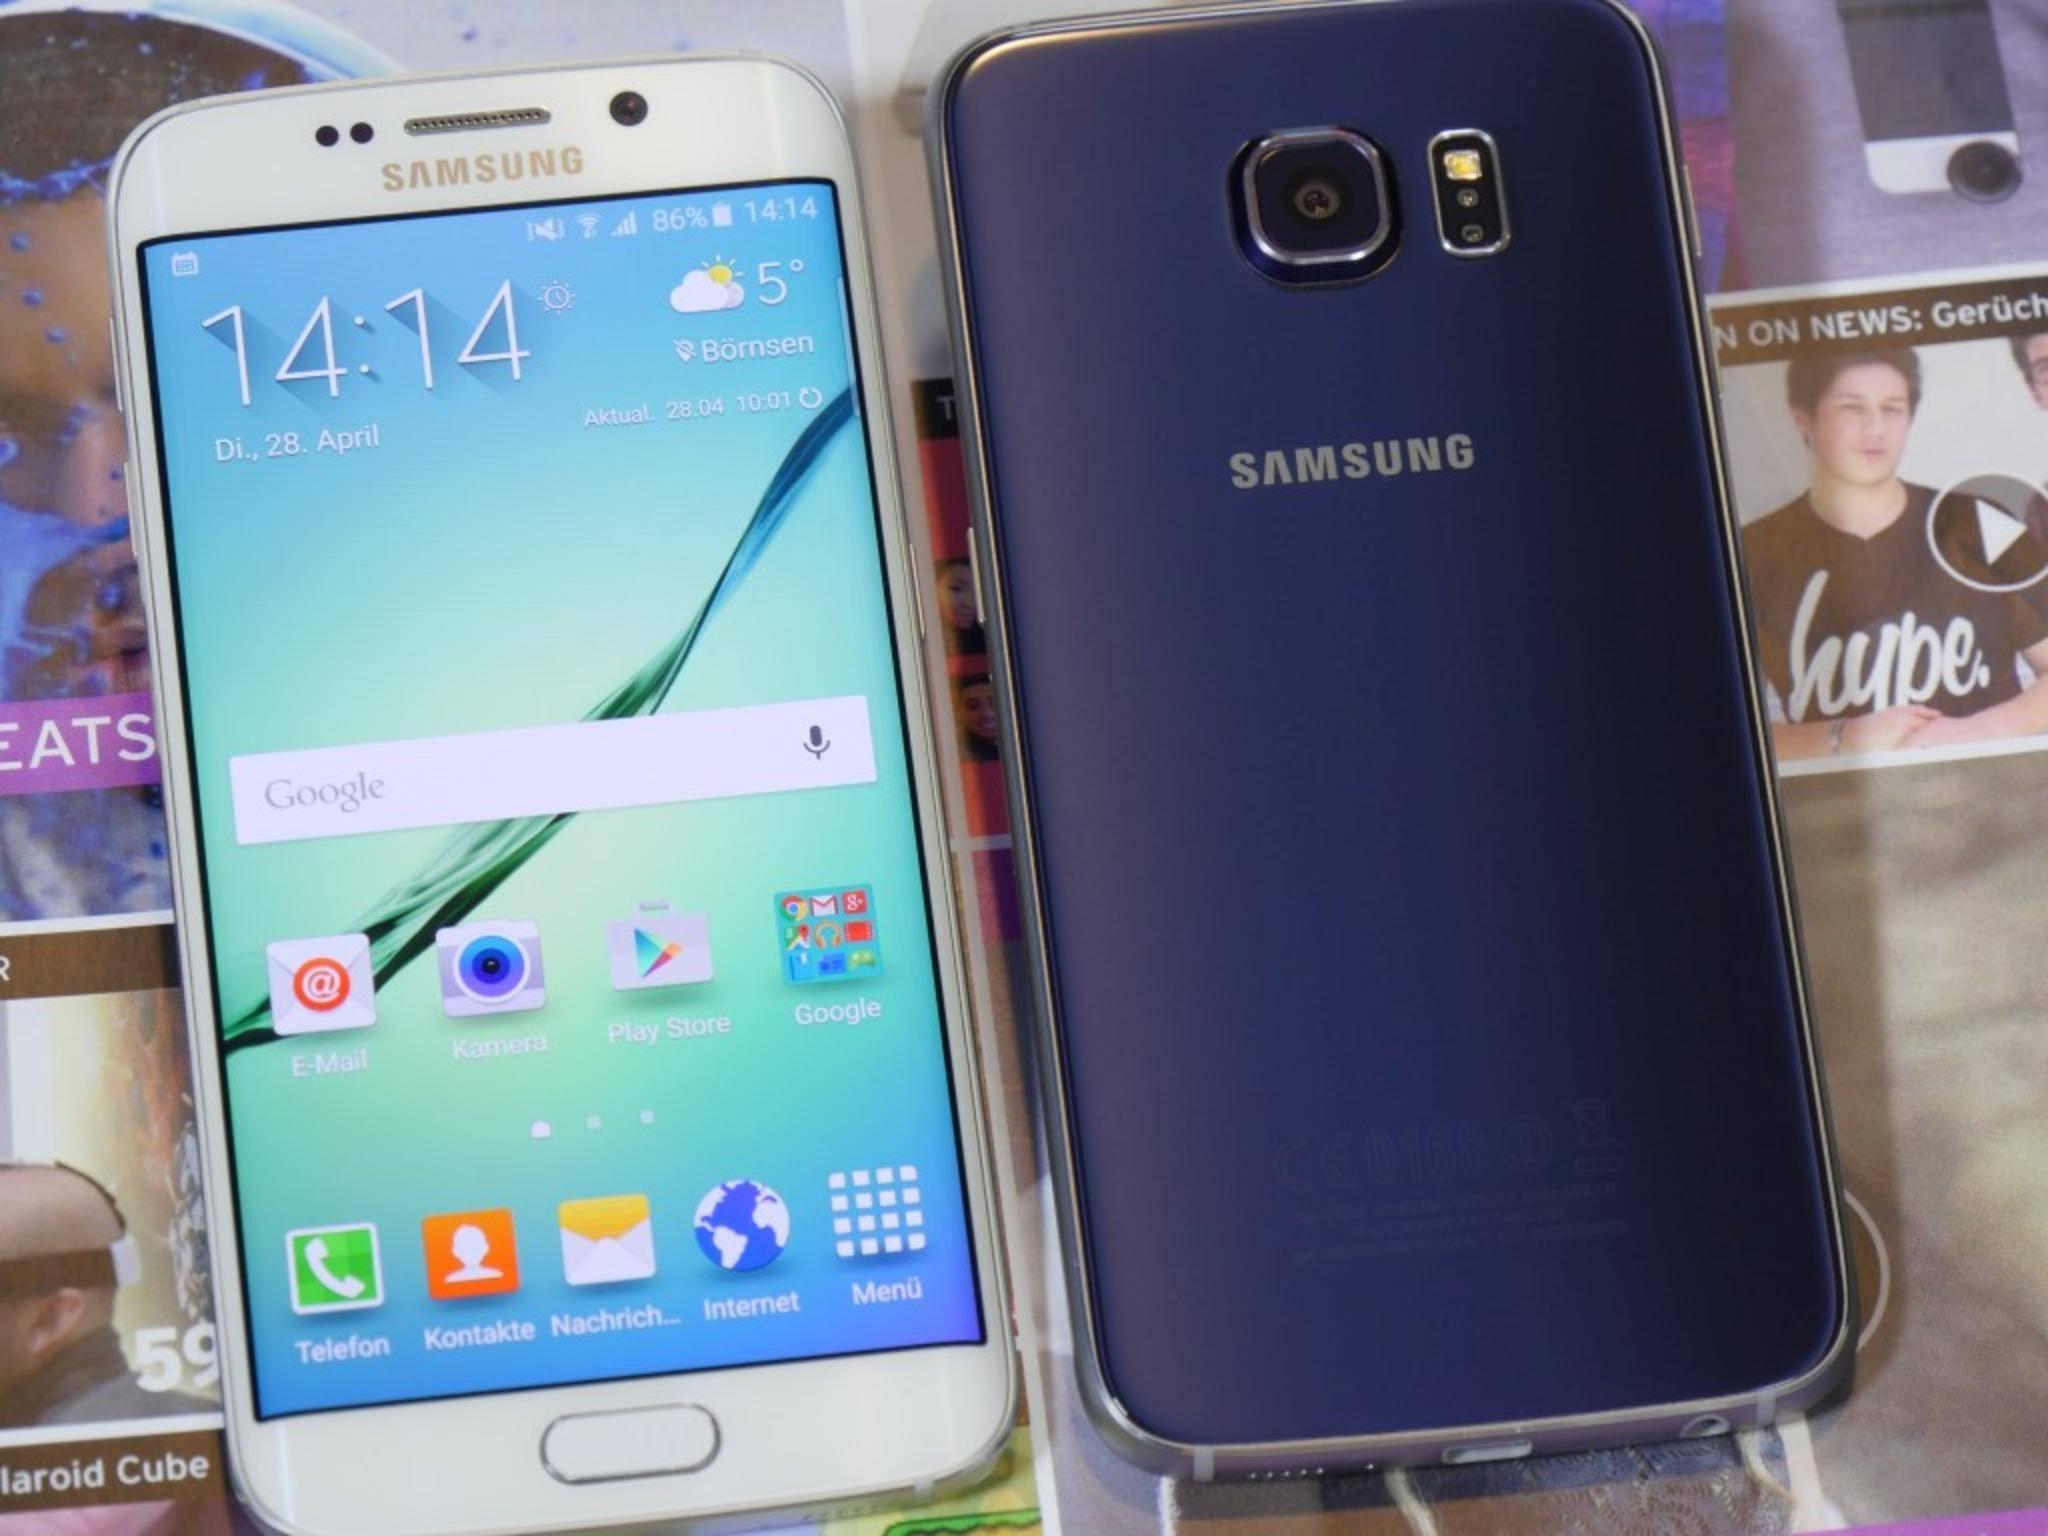 Nutzer beklagen sich seit Längerem über fehlerhaftes RAM-Management beim Samsung Galaxy S6